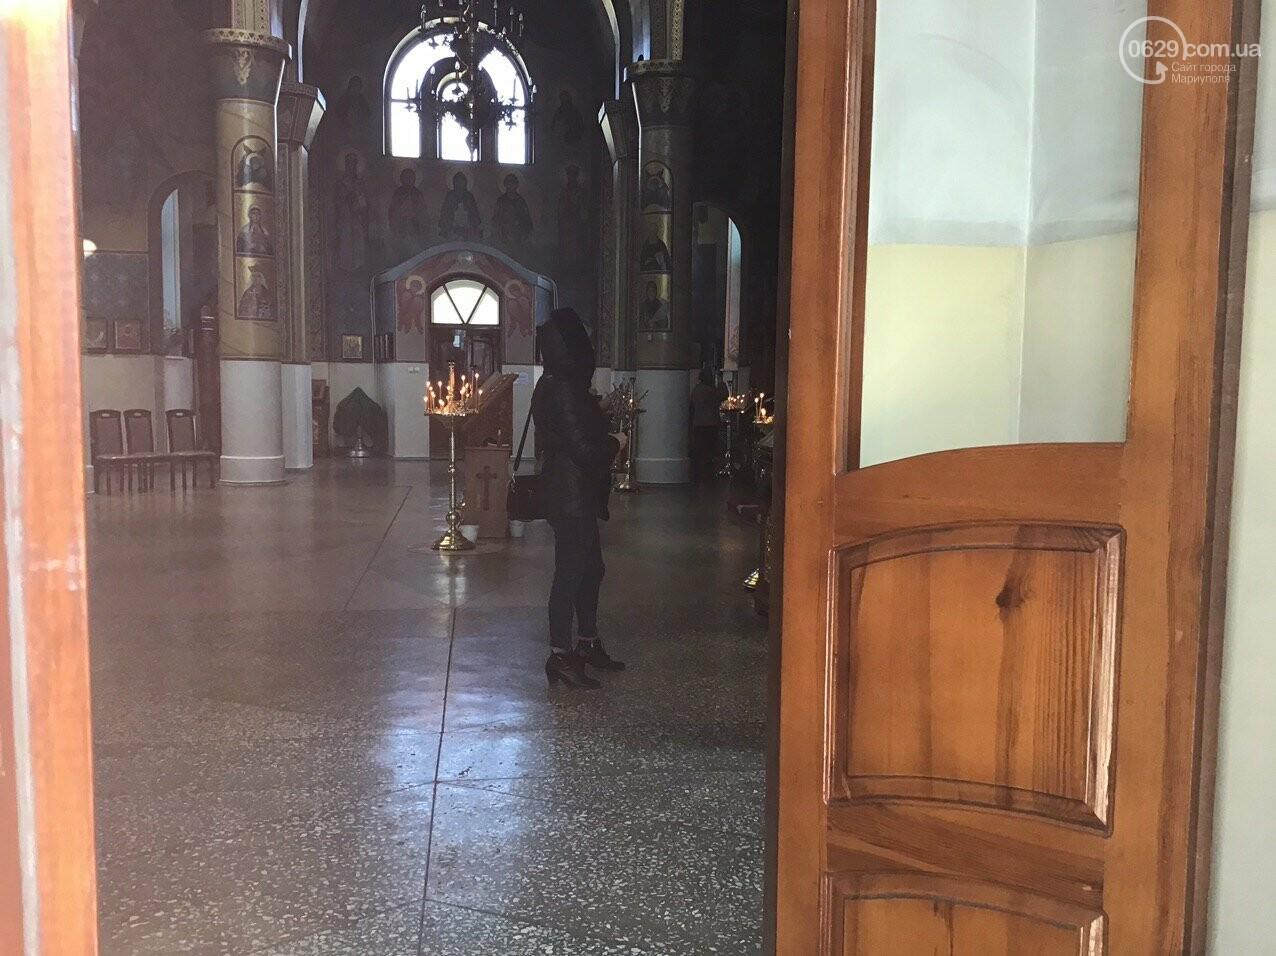 Вербное воскресенье в Мариуполе: как в храмах соблюдают карантин, - ФОТО, ВИДЕО, фото-4